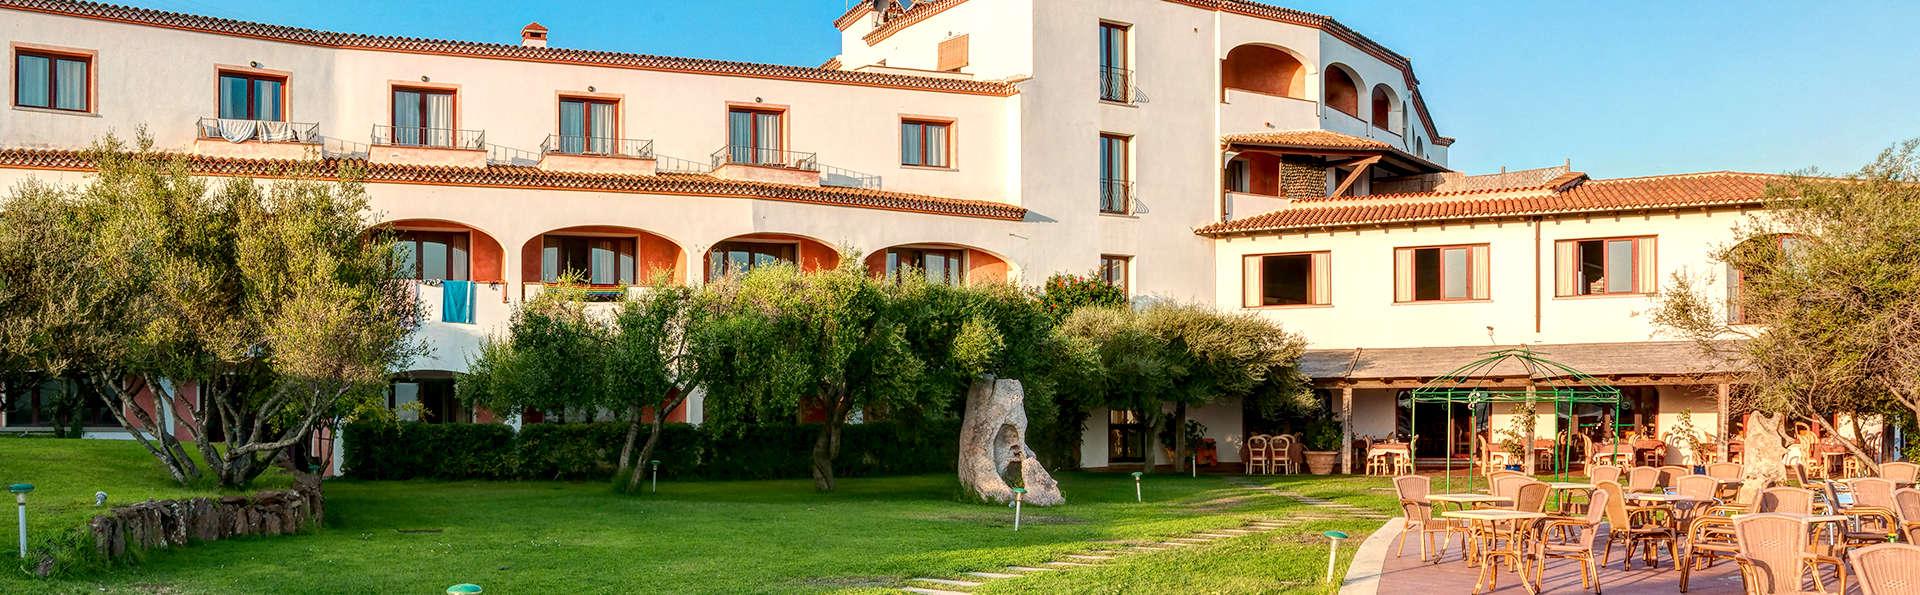 Hotel Alessandro - Edit_Front2.jpg